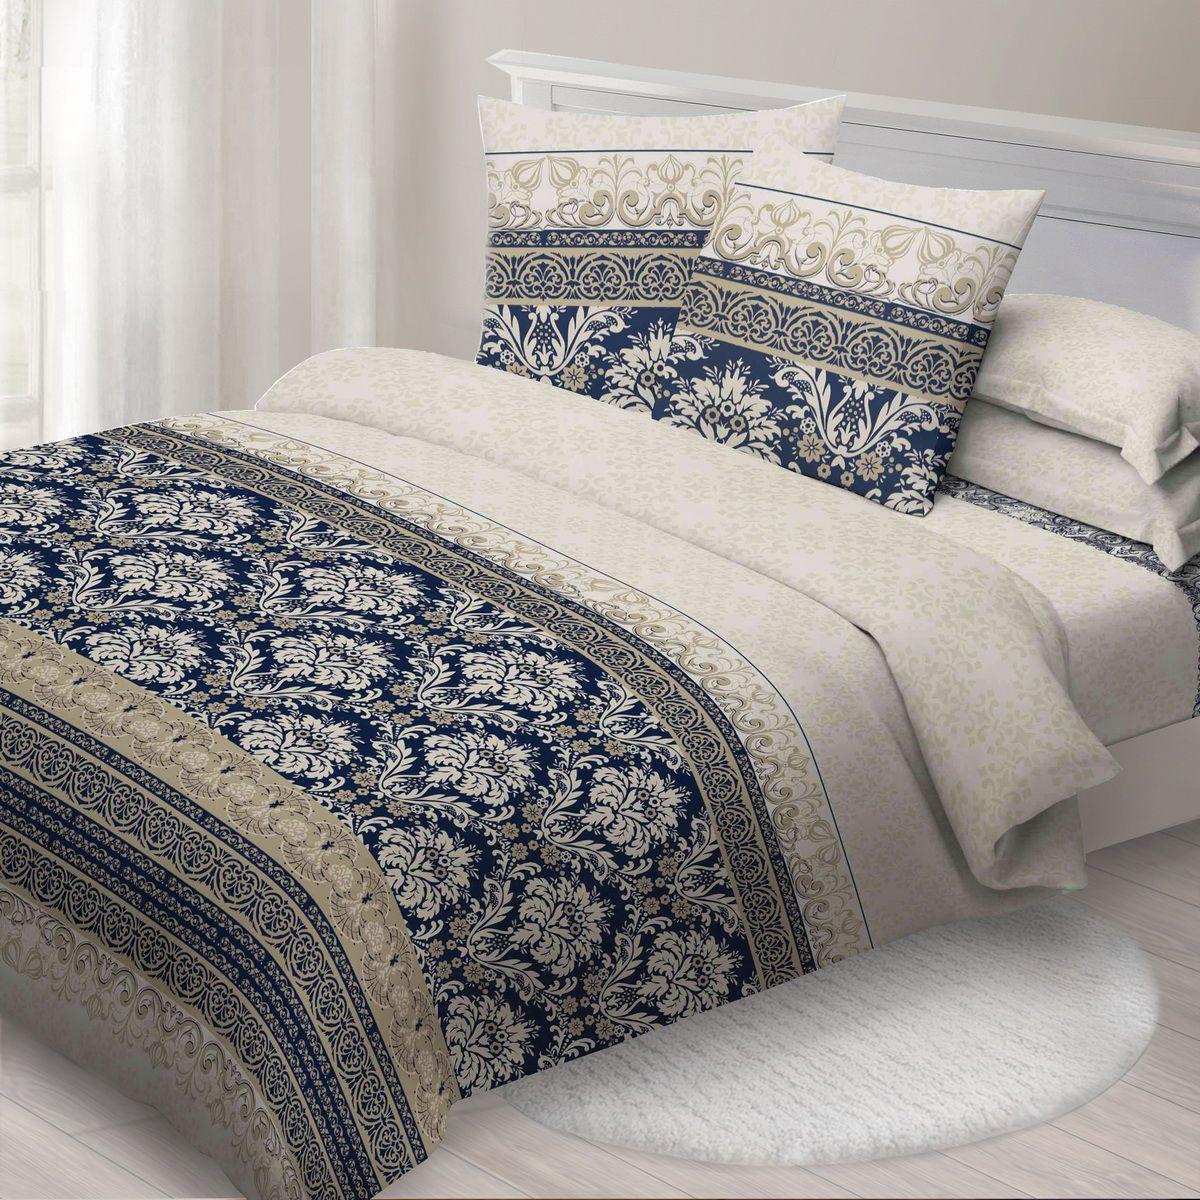 Комплект белья Спал Спалыч Гран При, 2-спальное, наволочки 70x70, цвет: синий87870Спал Спалыч - недорогое, но качественное постельное белье из белорусской бязи. Актуальные дизайны, авторская упаковка в сочетании с качественными материалами и приемлемой ценой - залог успеха Спал Спалыча! В ассортименте широкая линейка домашнего текстиля для всей семьи - современные дизайны современному покупателю! Ткань обработана по технологии PERFECT WAY - благодаря чему, она становится более гладкой и шелковистой. • Бязь Барановичи 100% хлопок • Плотность ткани - 125 гр/кв.м.